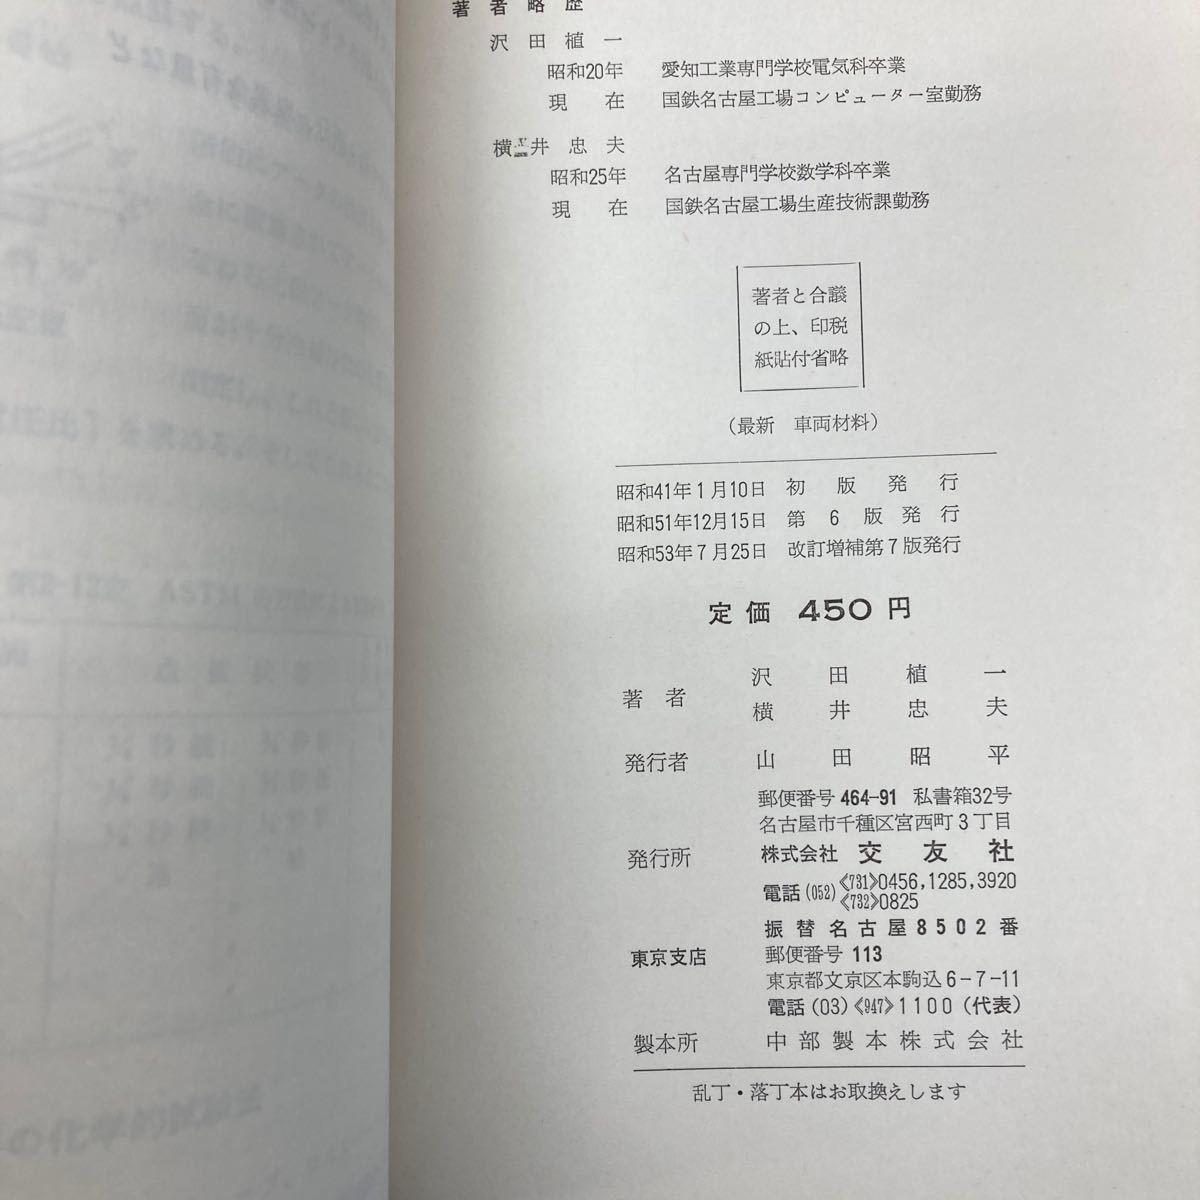 国鉄指導要目準拠 最新車両材料★交友社★